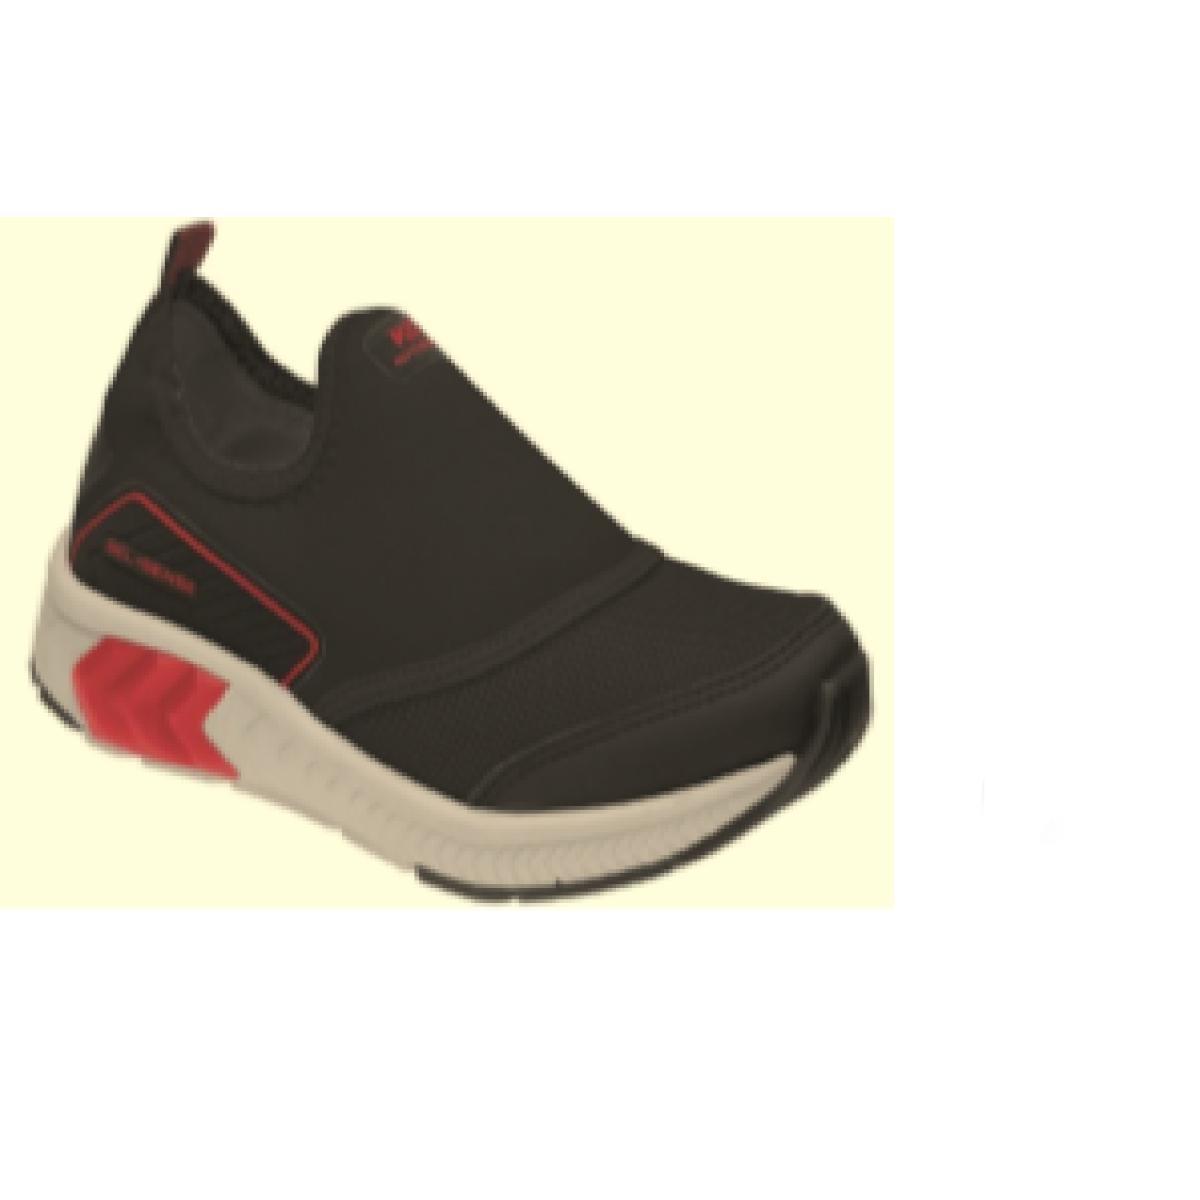 Tênis Masc Infantil Kidy 04500230080 Preto/vermelho